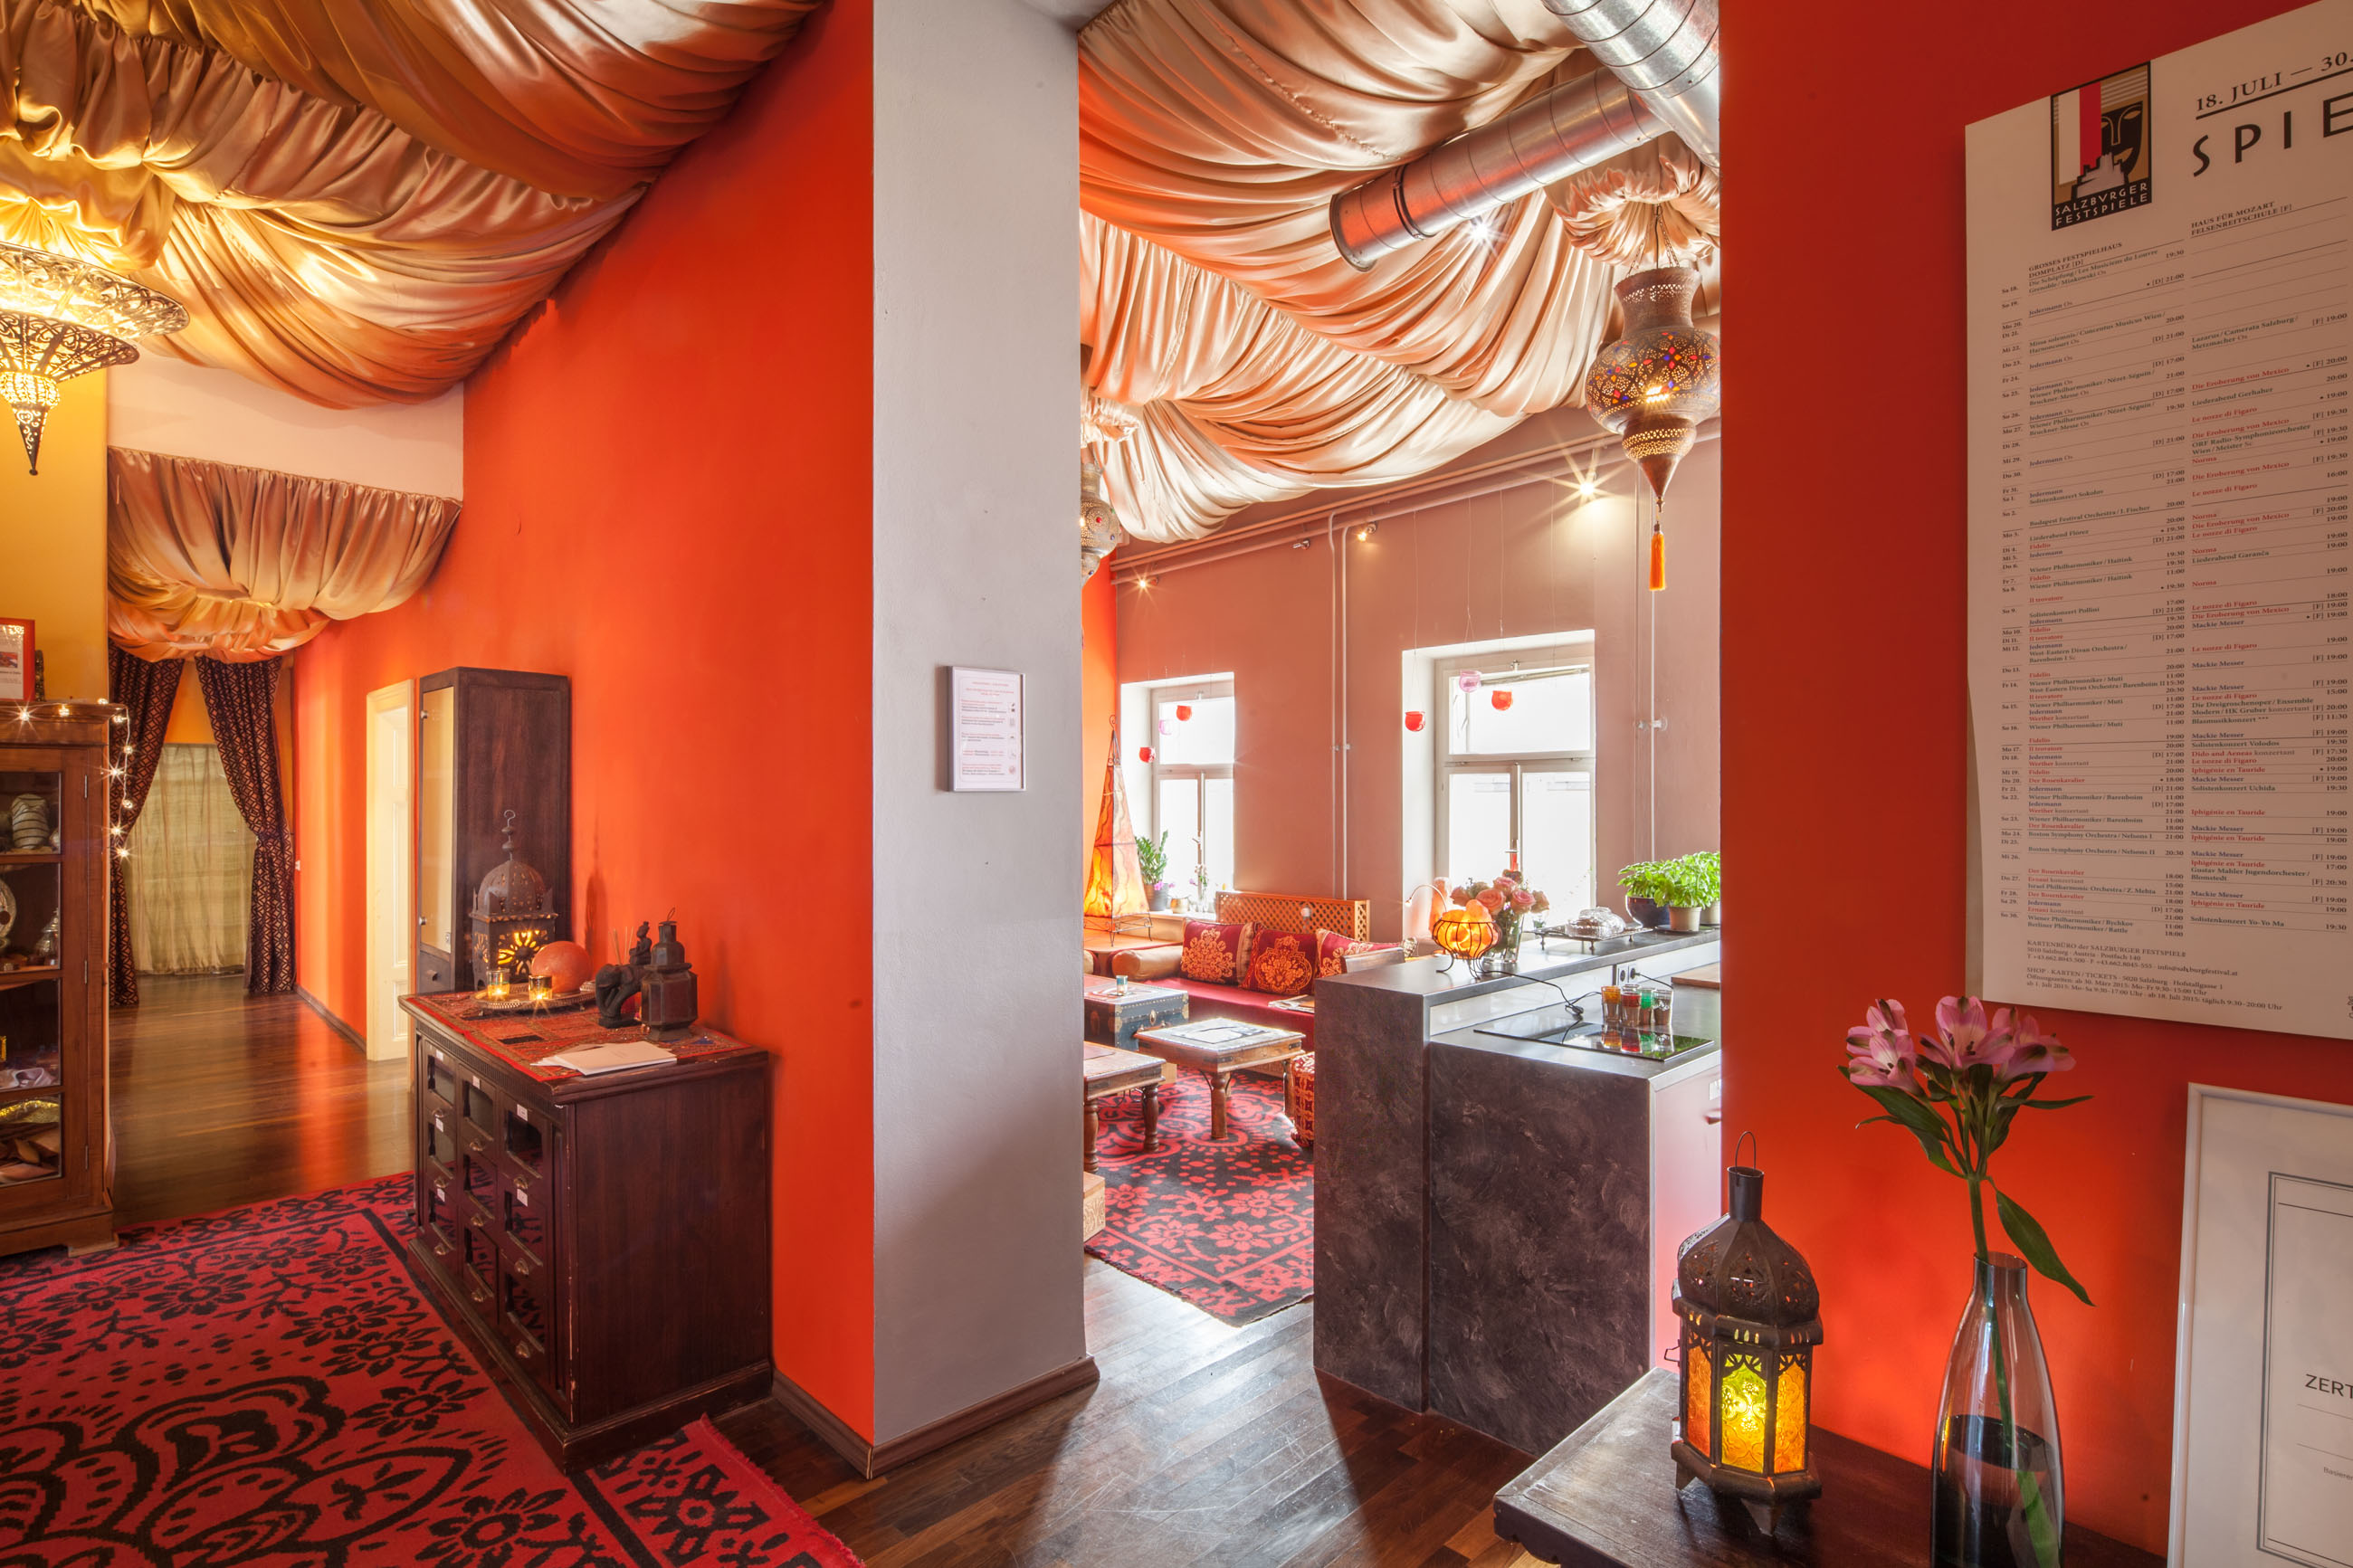 arte vida boutique guesthouse_2600px-6